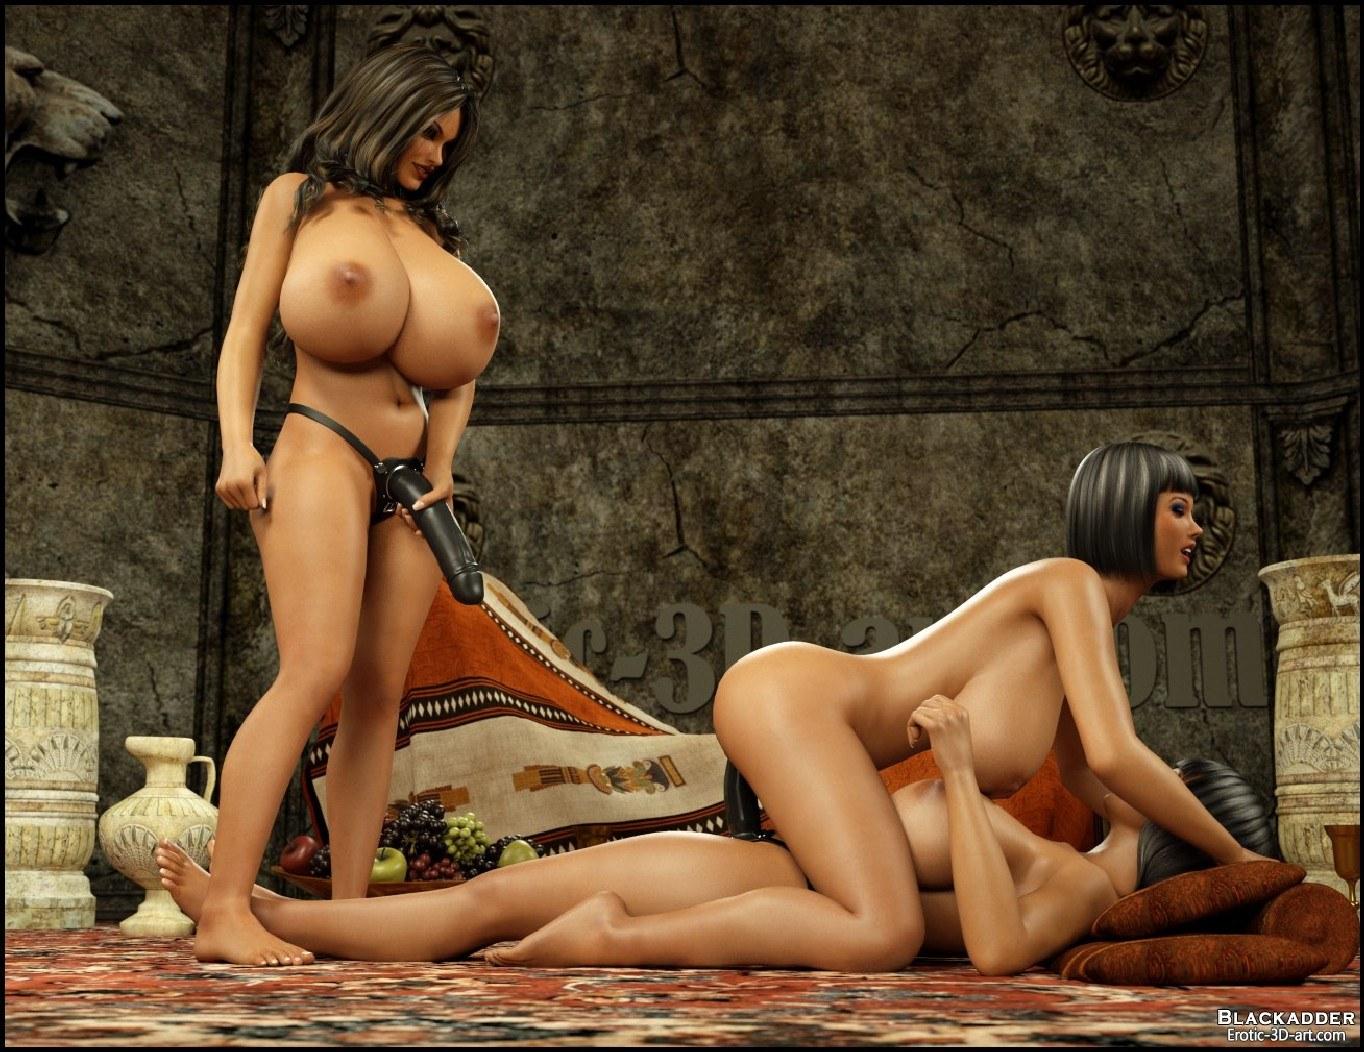 Экзотическое д порно, Порно экзотическое видео HD бесплатно гиг порно 7 фотография